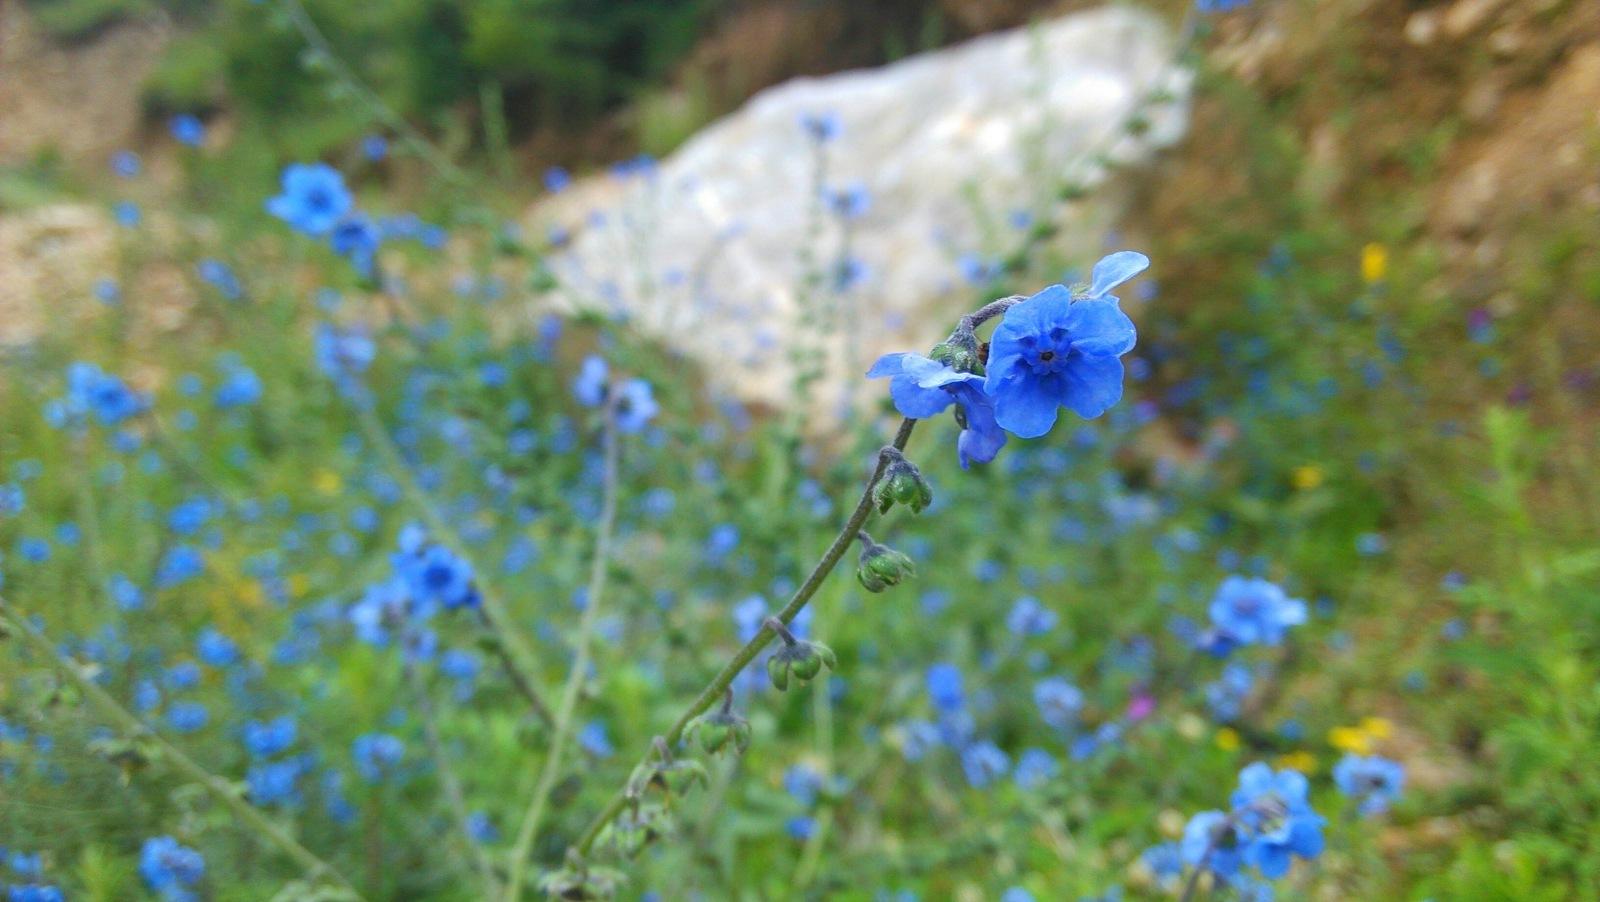 美丽的花儿,蓝色的,我喜欢